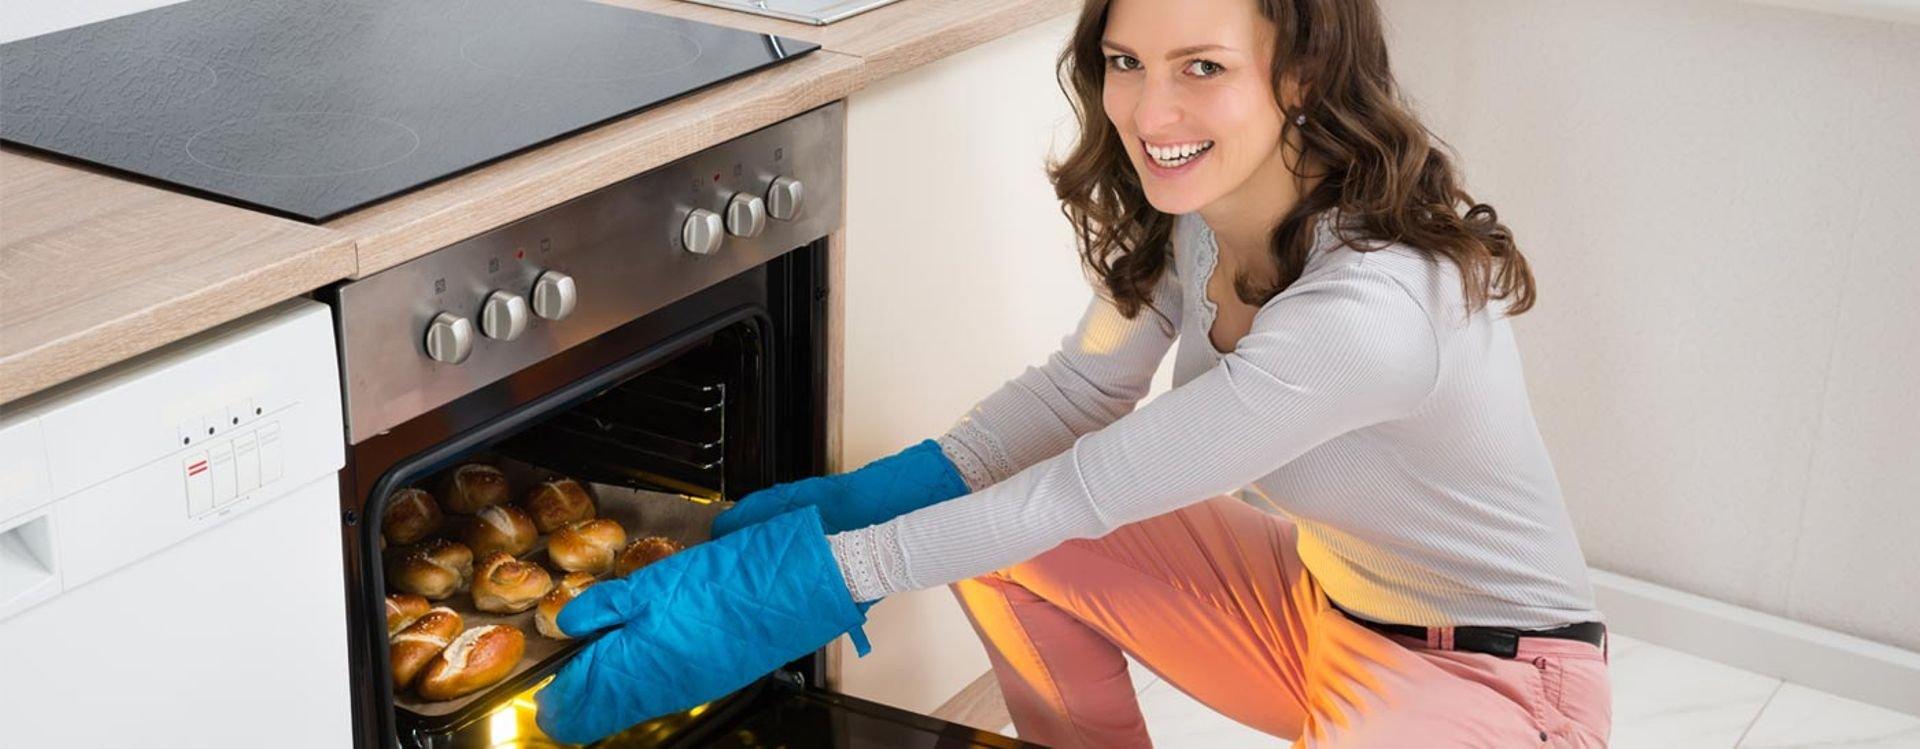 كيف تختار فرن الطهي المناسب لك؟